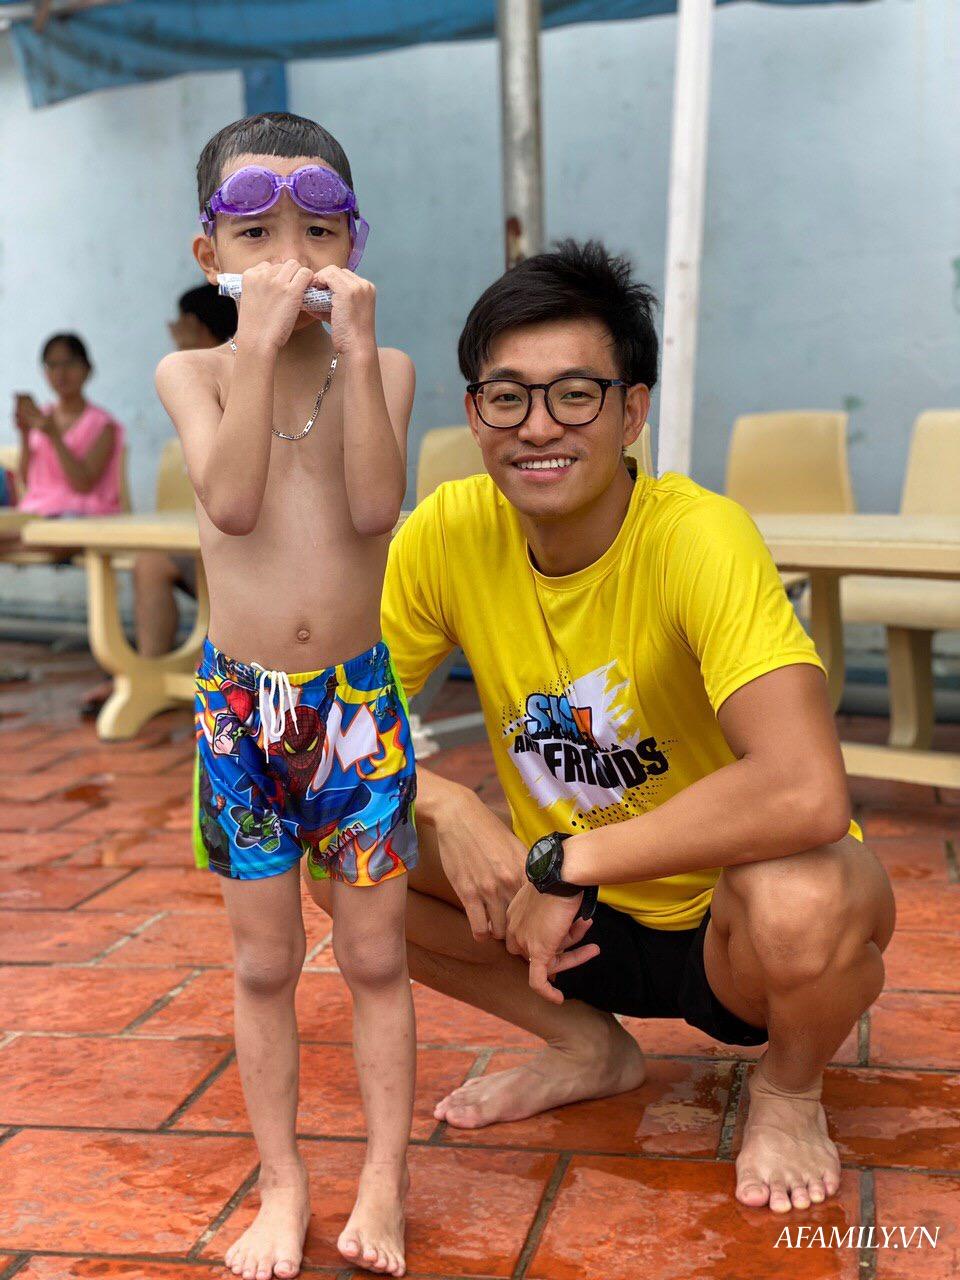 Có một lớp dạy bơi miễn phí cho trẻ em cơ nhỡ giữa lòng Sài Gòn, nơi đầy ắp tiếng cười và tình thương - Ảnh 5.